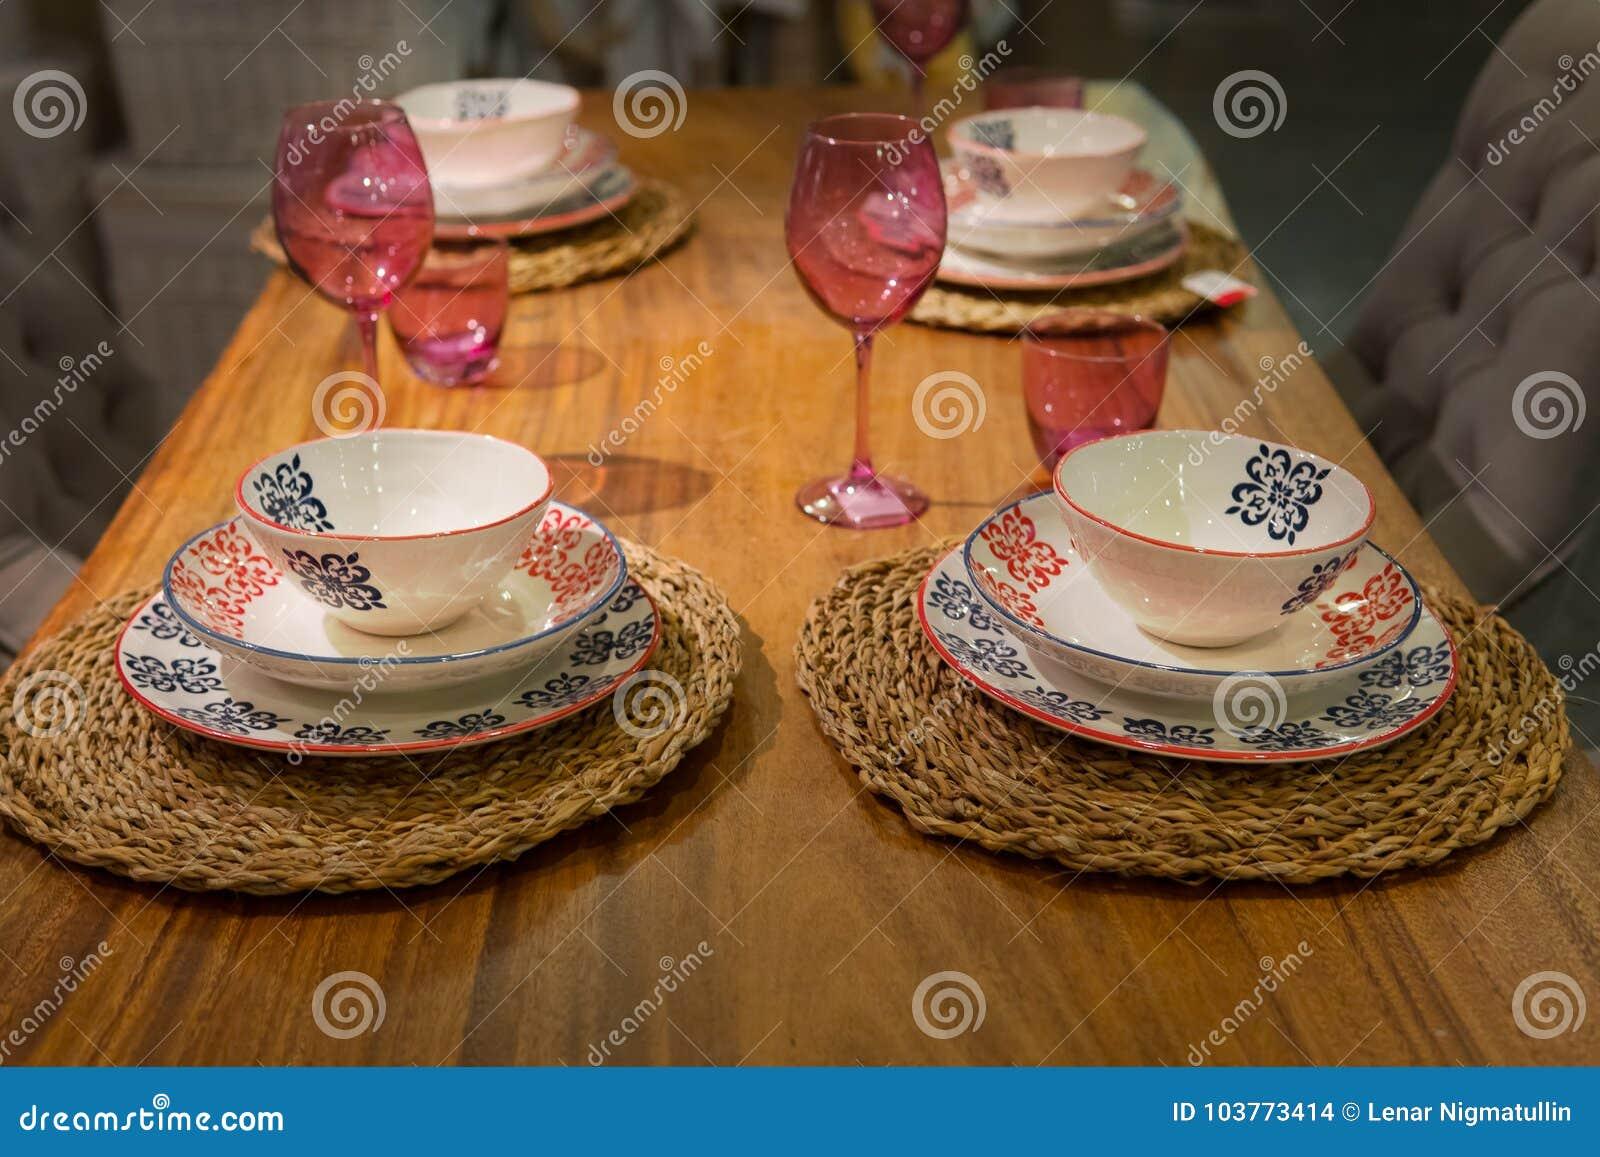 Table en bois avec des verres de vin et des plats en céramique